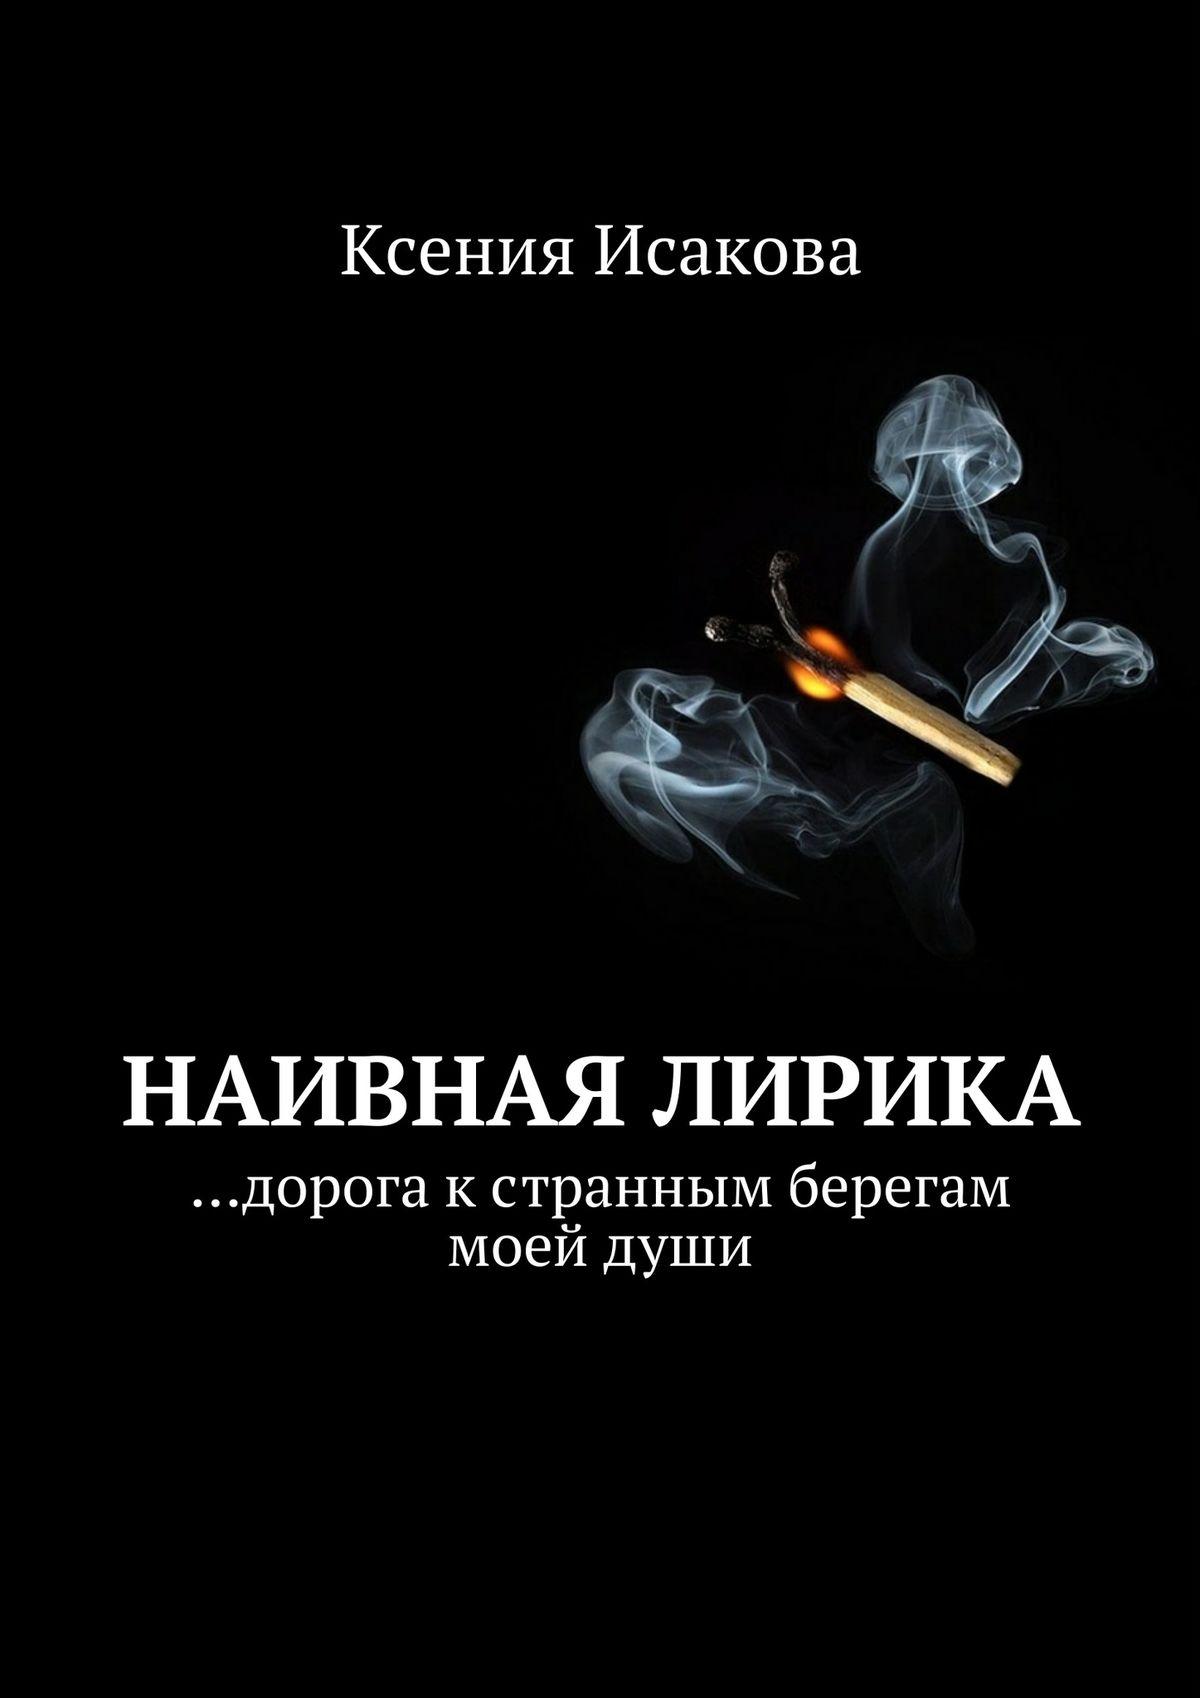 Ксения Исакова Наивная лирика …дорога к странным берегам моей души